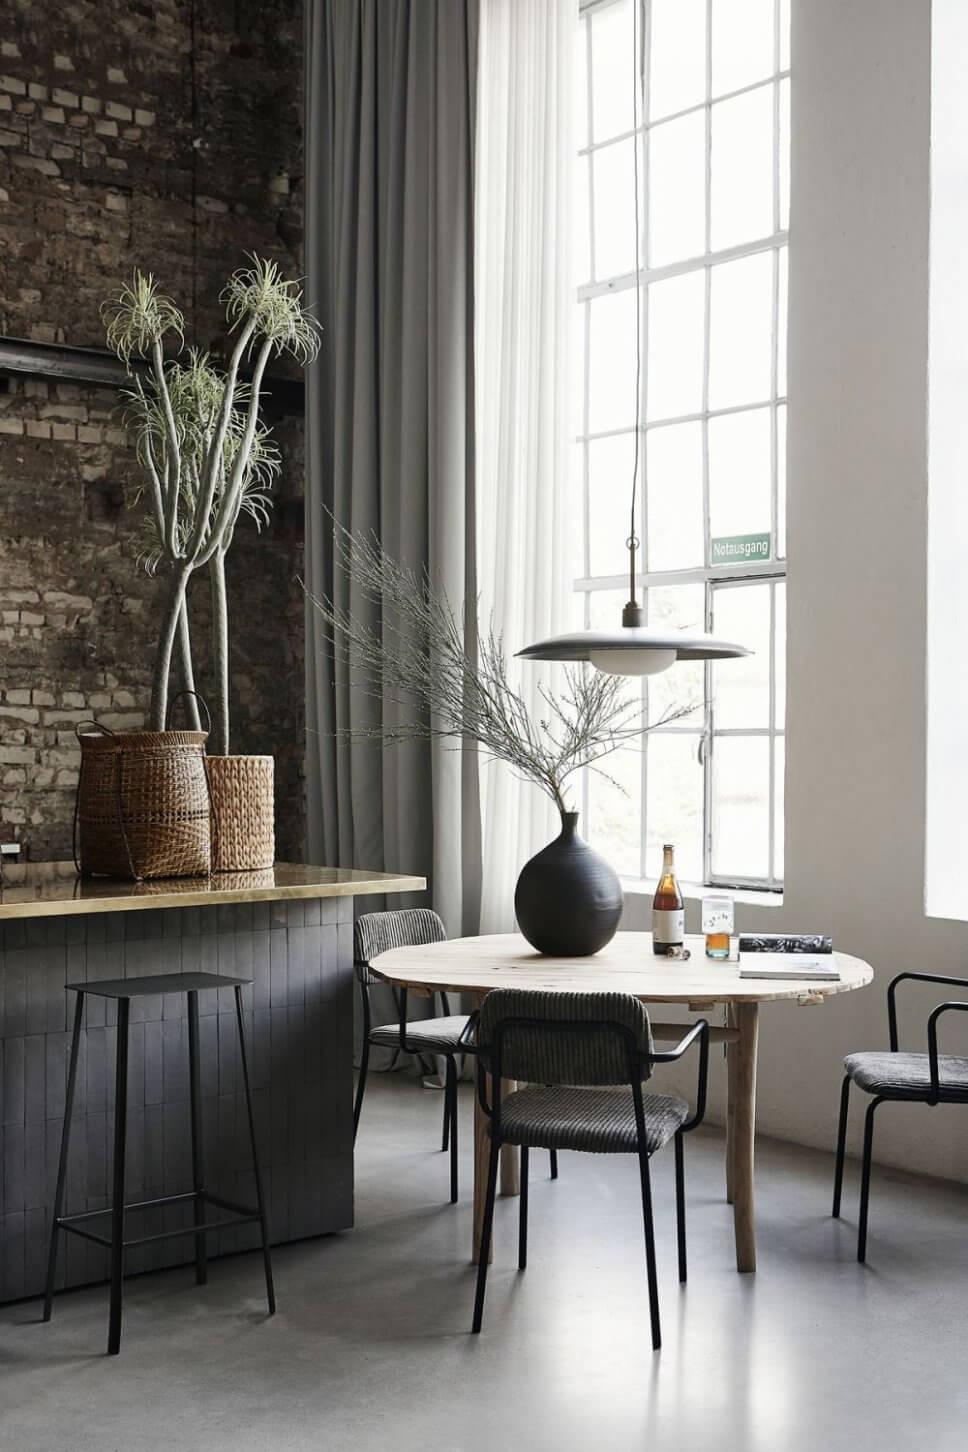 Esstisch mit Stühlen im Industrieloft